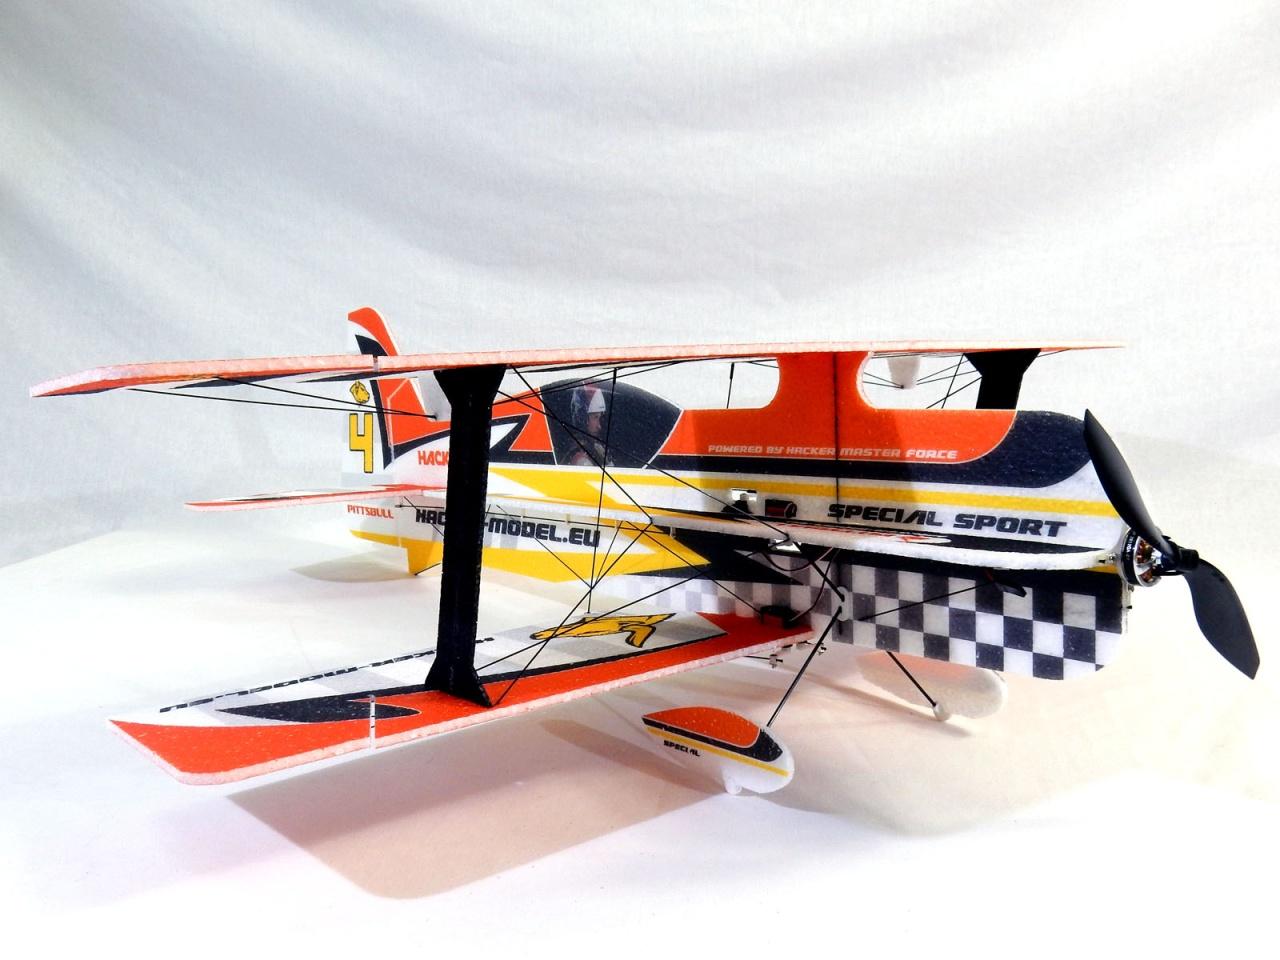 Pittsbull HACKER MODEL